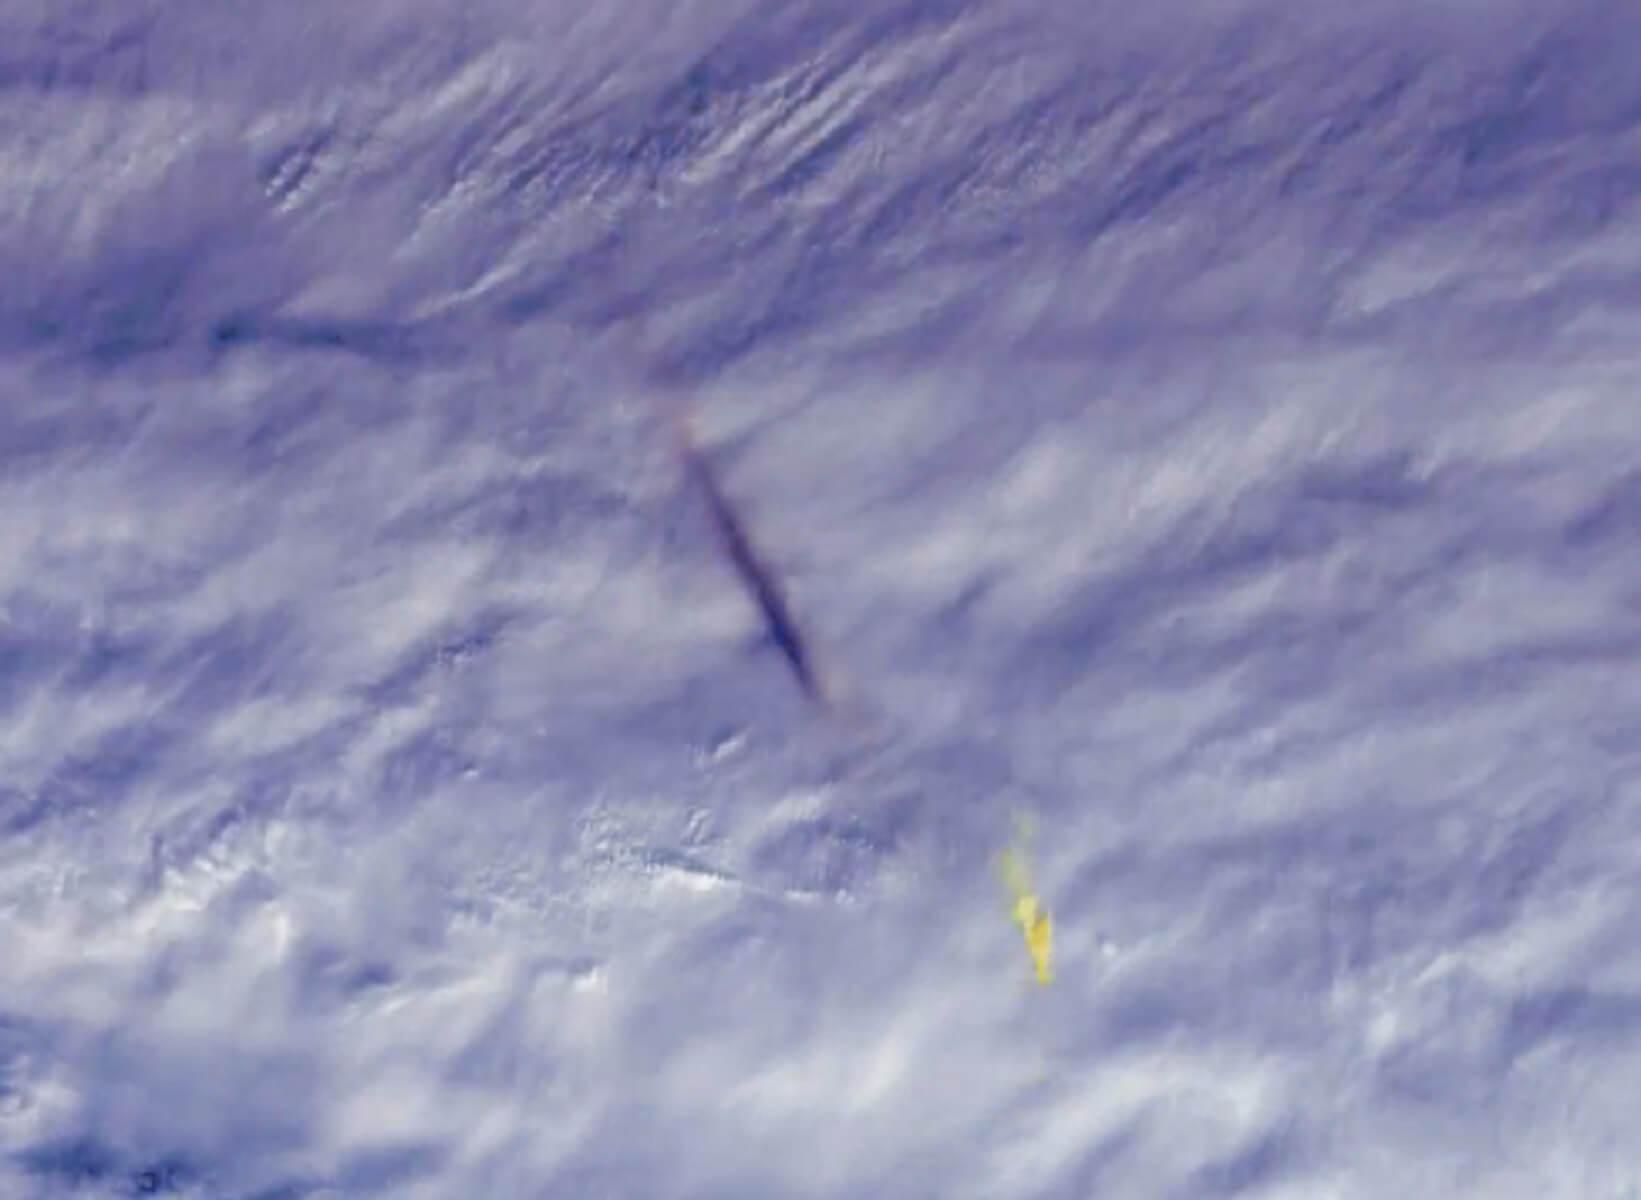 Δέος! Οι φωτογραφίες της NASA από την έκρηξη του μετεωρίτη πάνω από τη Βερίγγεια Θάλασσα